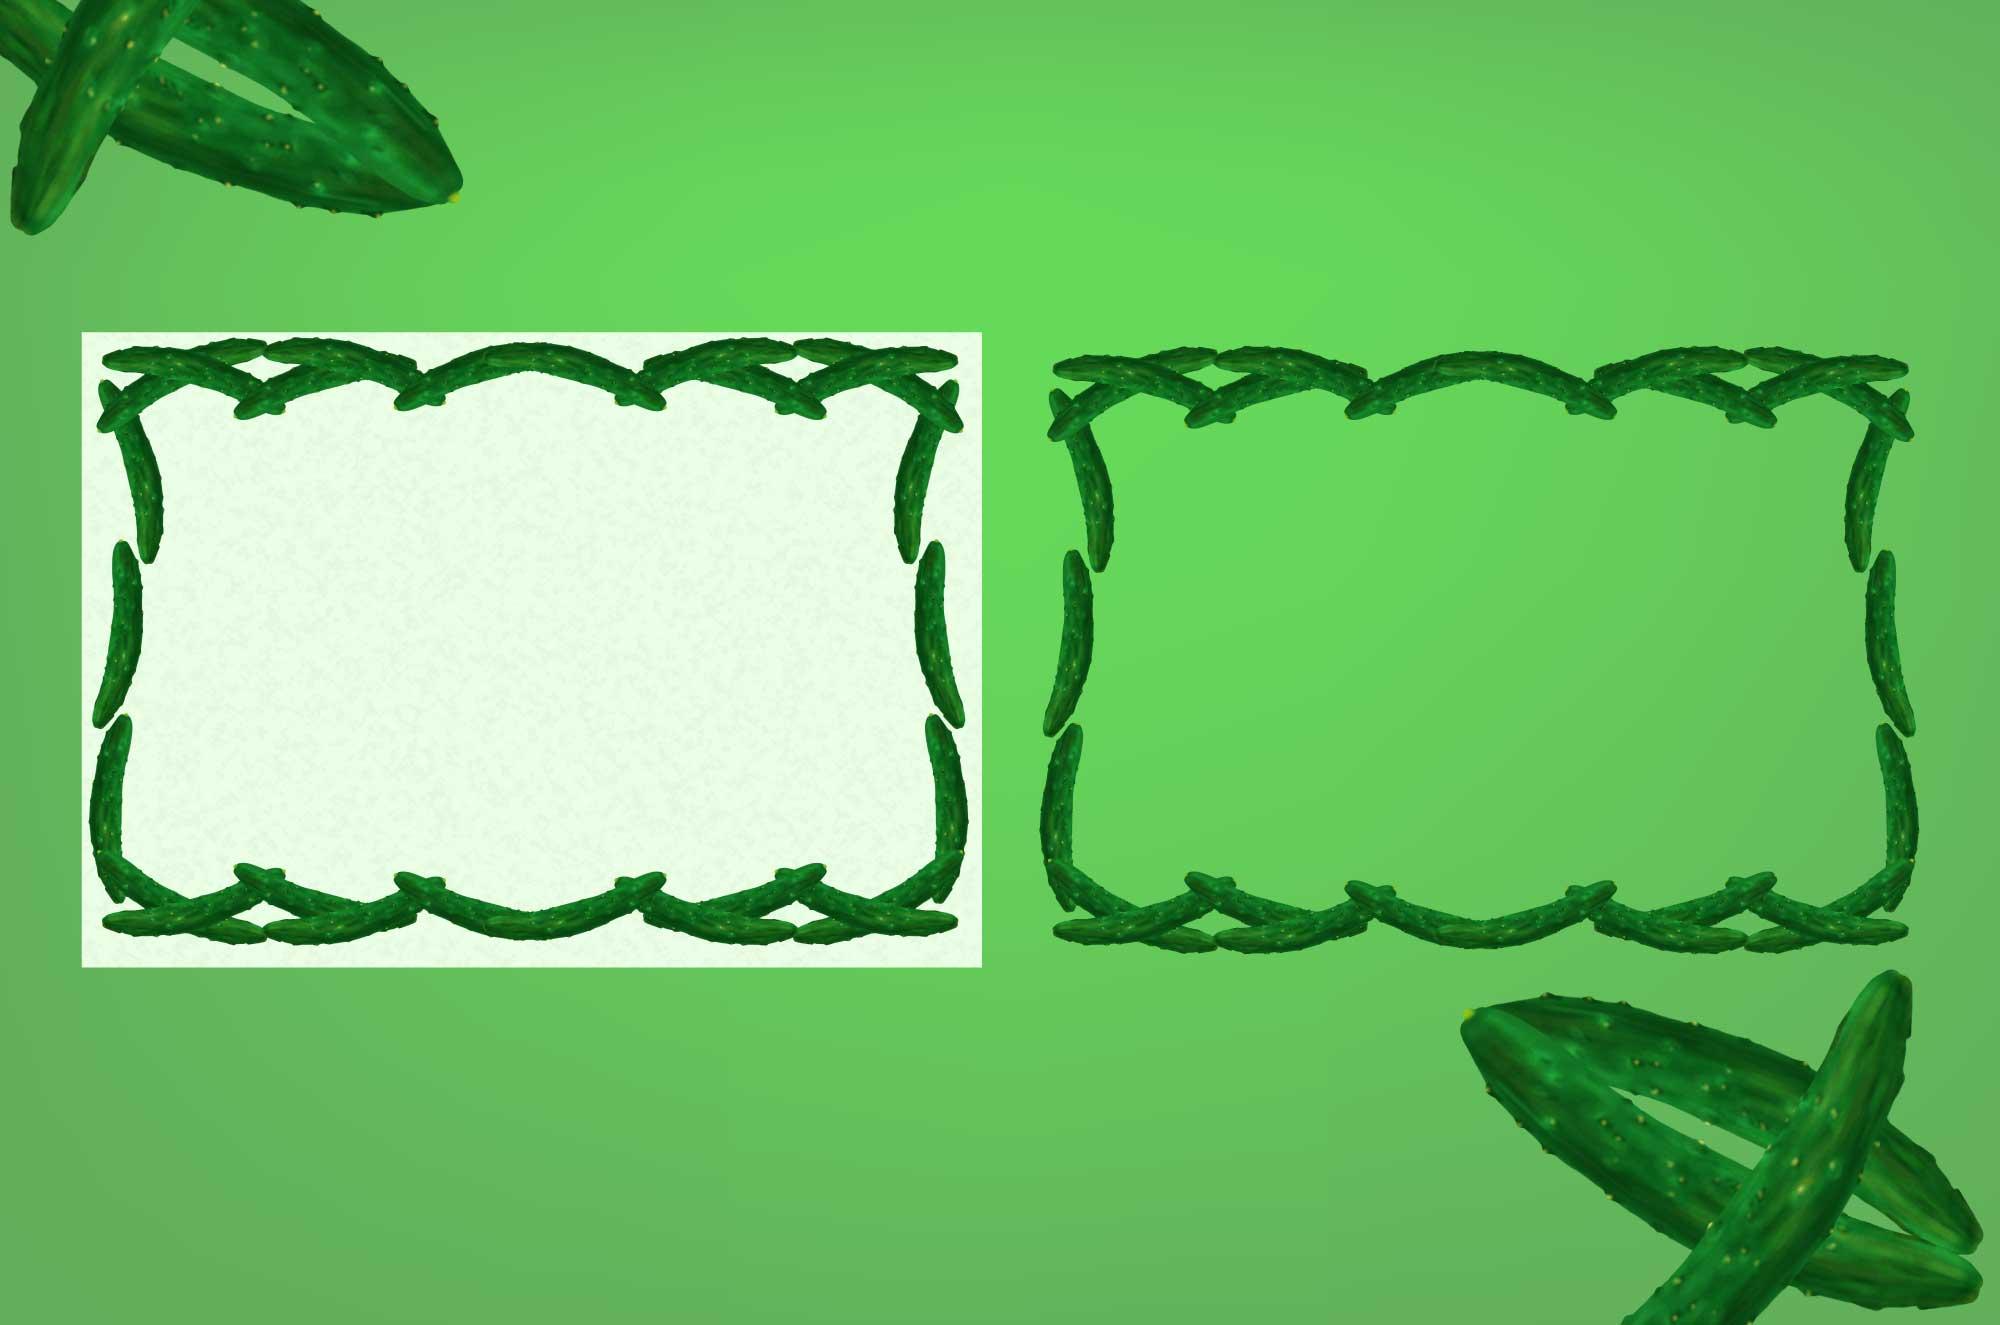 きゅうりの無料枠素材 - 面白い野菜のフレームデザイン